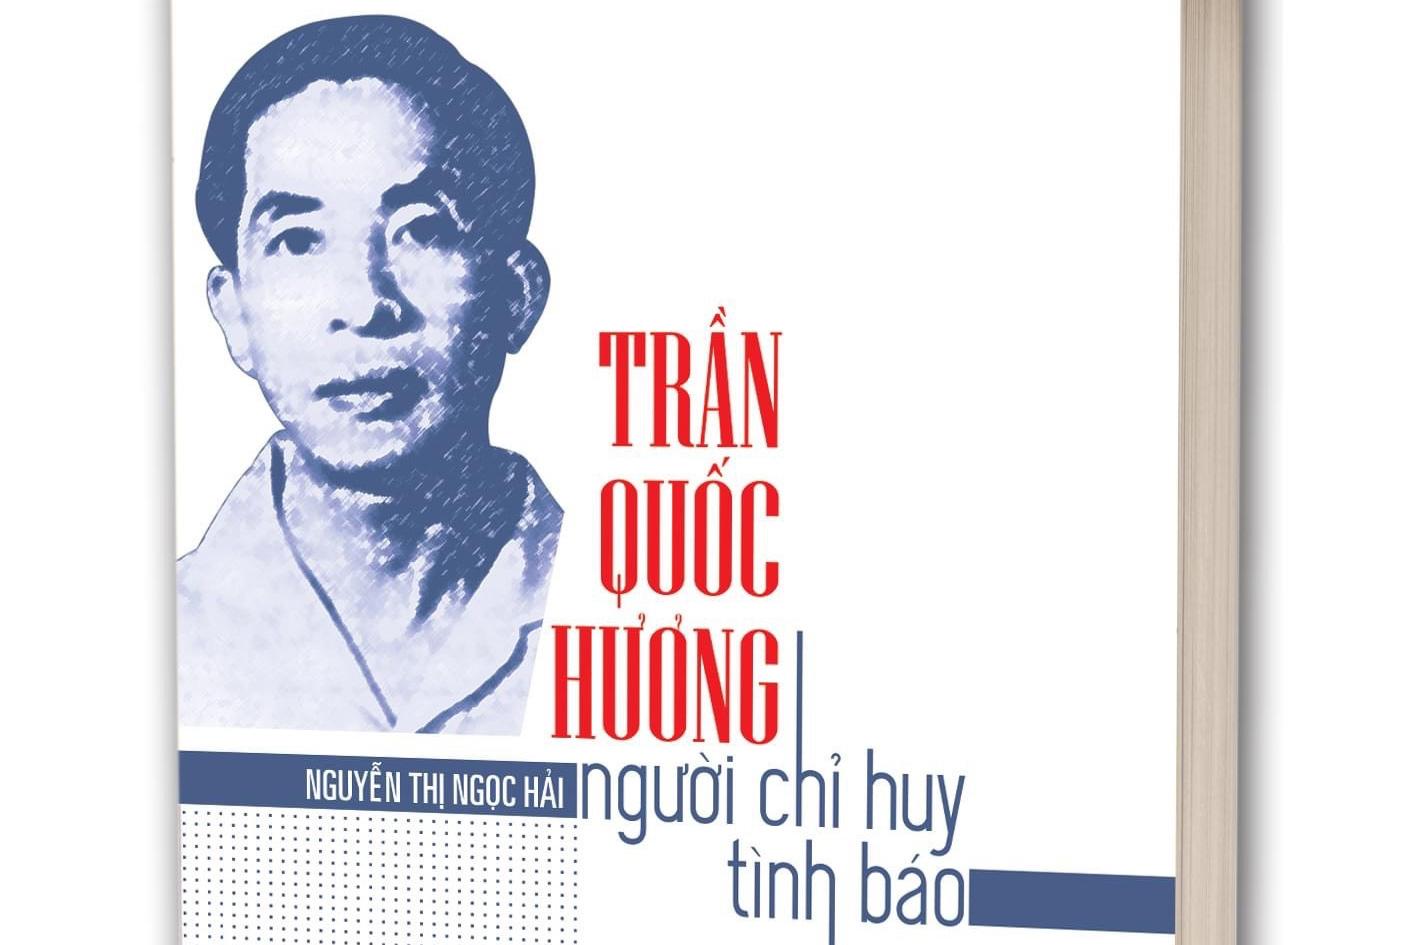 Cuộc chiến của nhà tình báo Mười Hương trong nhà tù VNCH